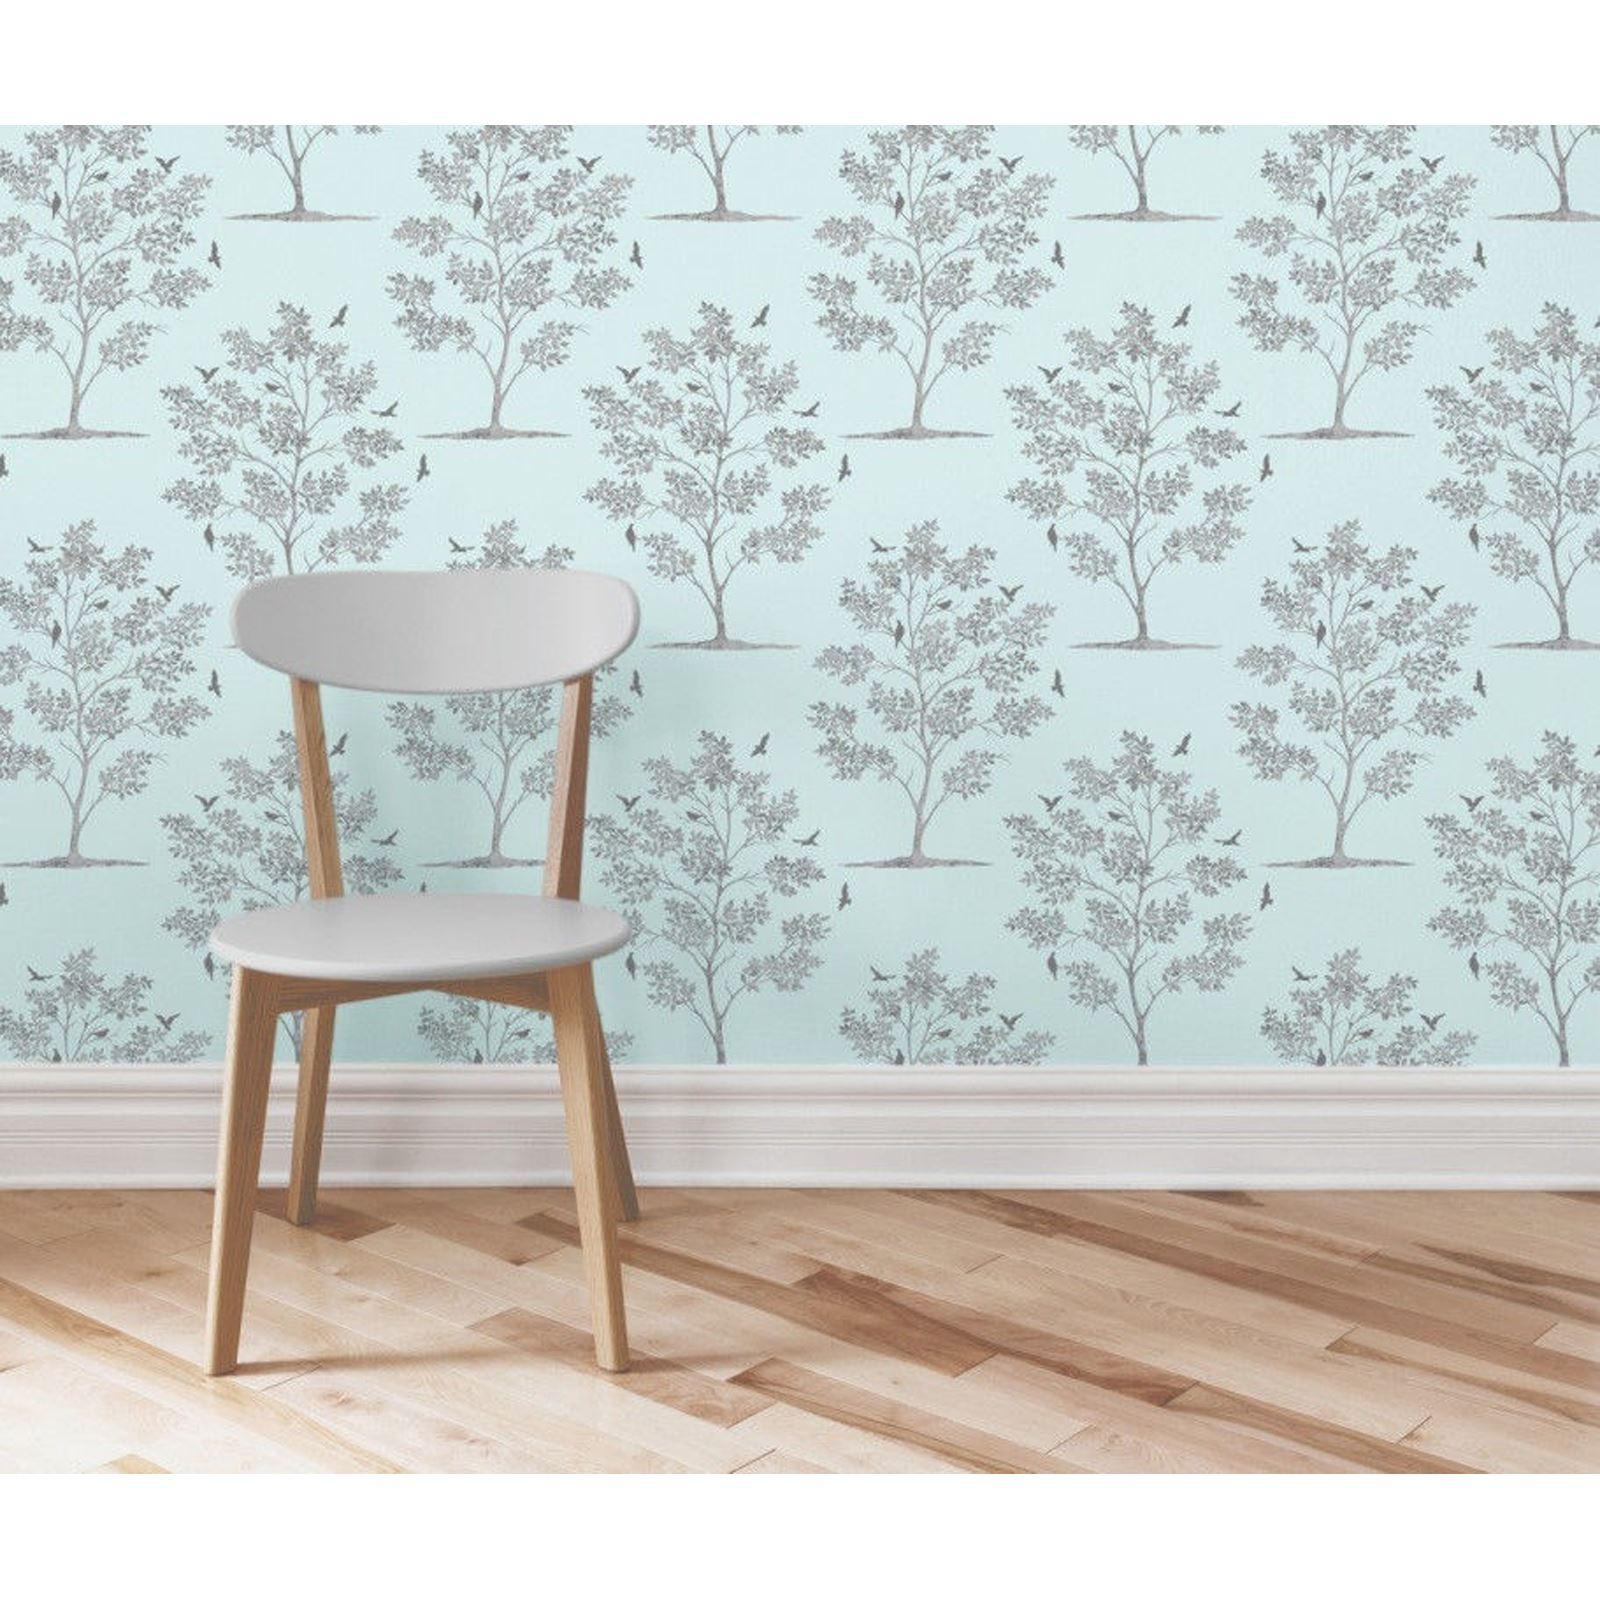 oeufs de canard bleu papier peint bleu sarcelle hibou oiseau paon rouleau ebay. Black Bedroom Furniture Sets. Home Design Ideas